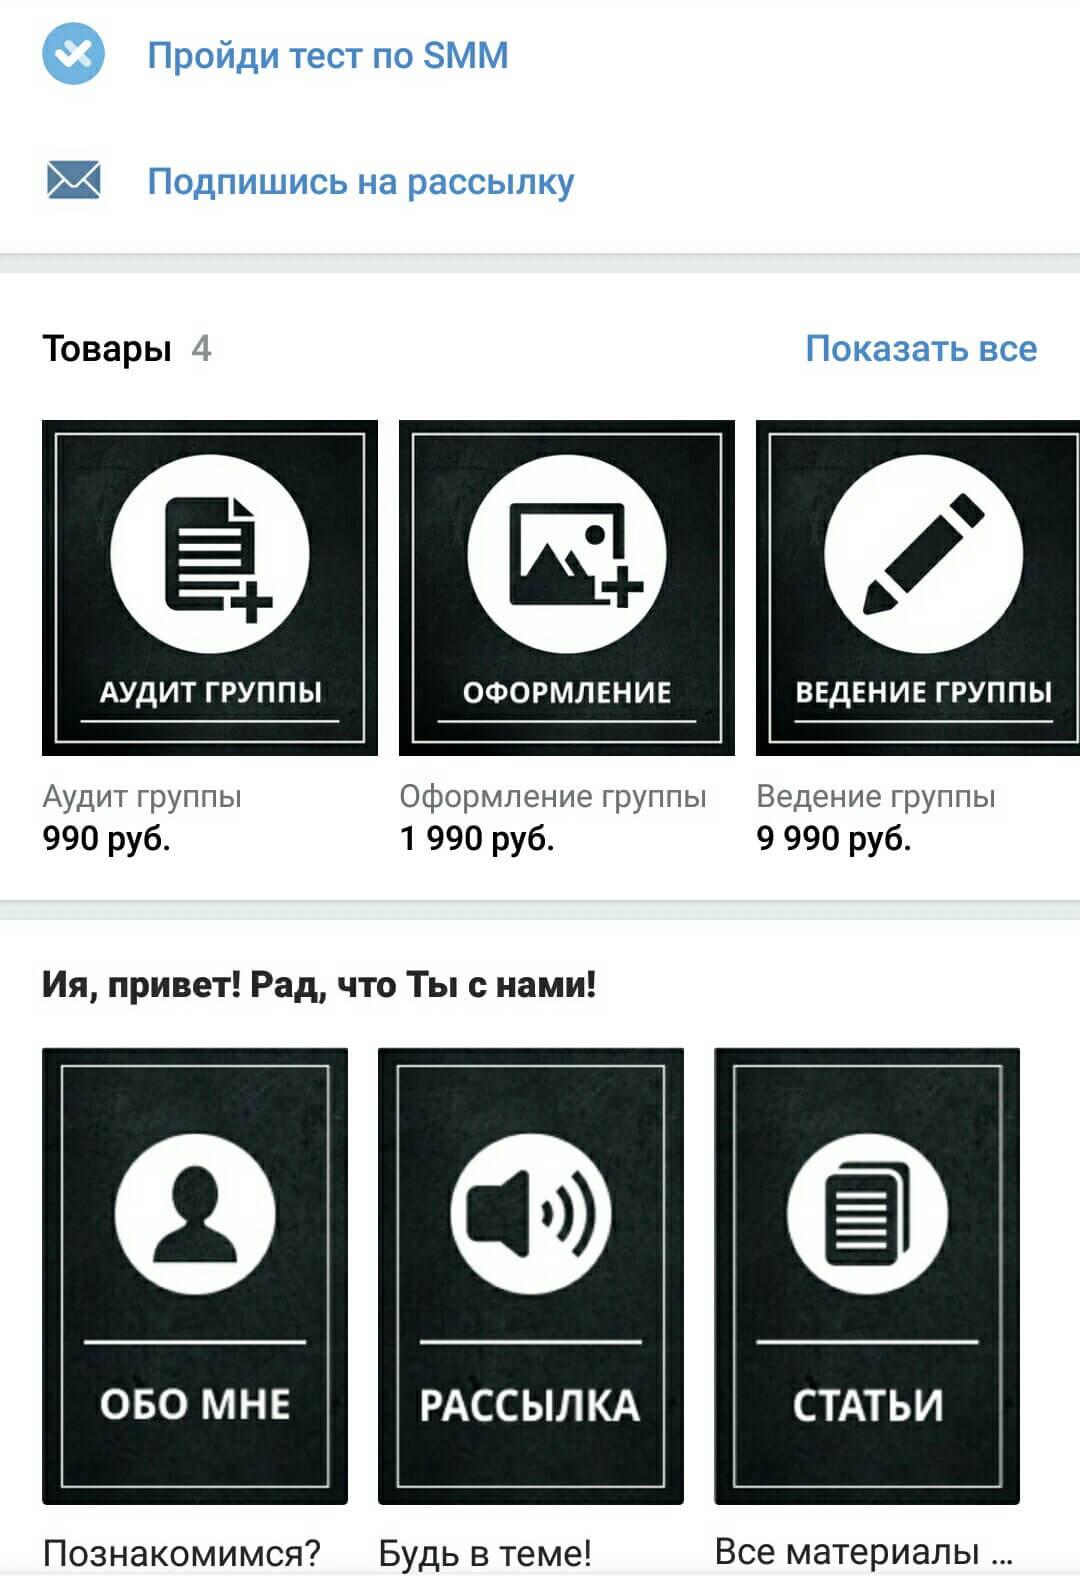 prilozheniya-i-vidzhety-vkontakte-s